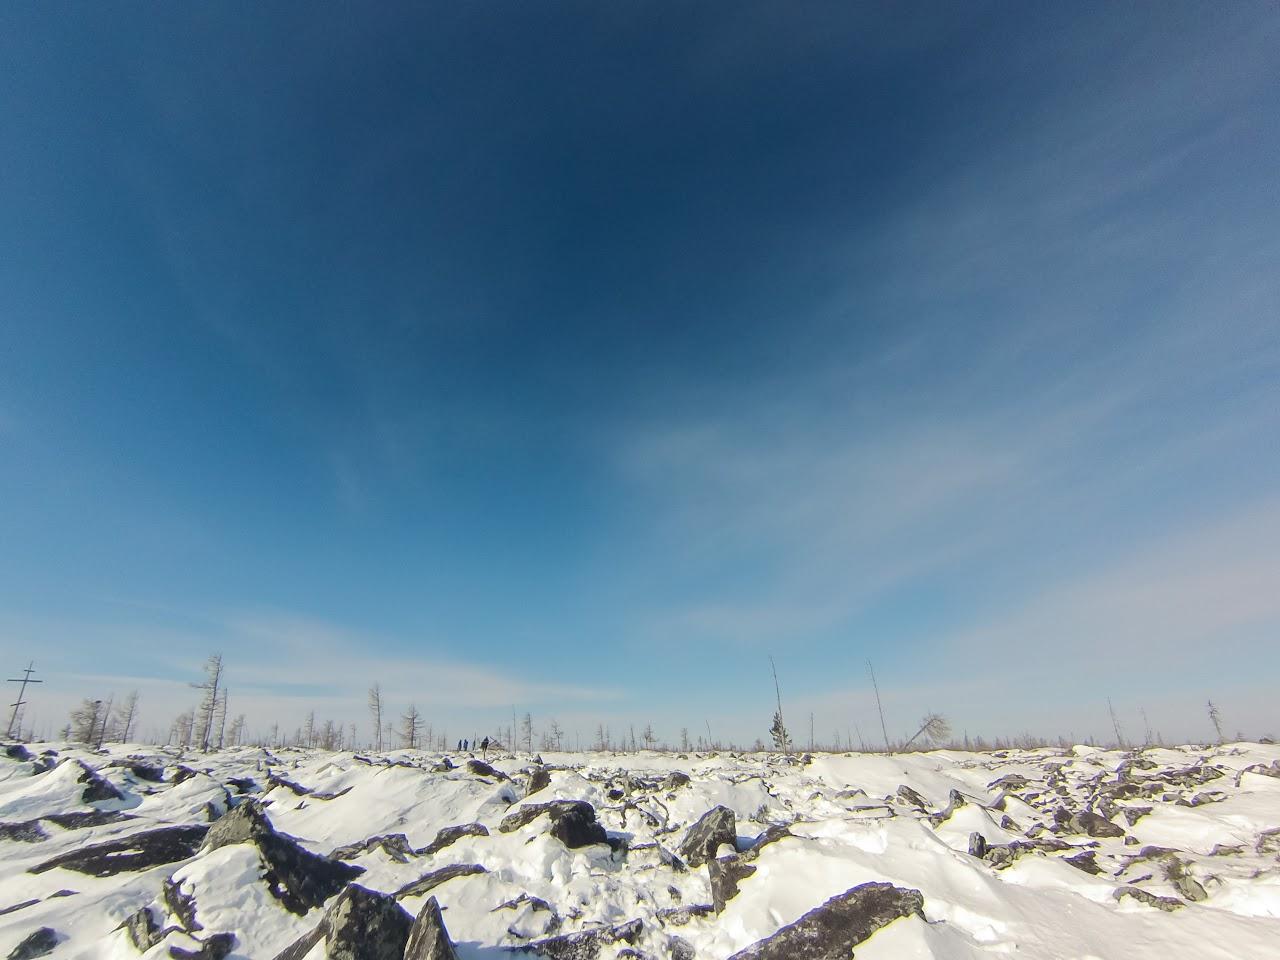 Так выглядет вершина к которой стремились участники соревнований Скоростное восхождение на голец Саранакан 2017